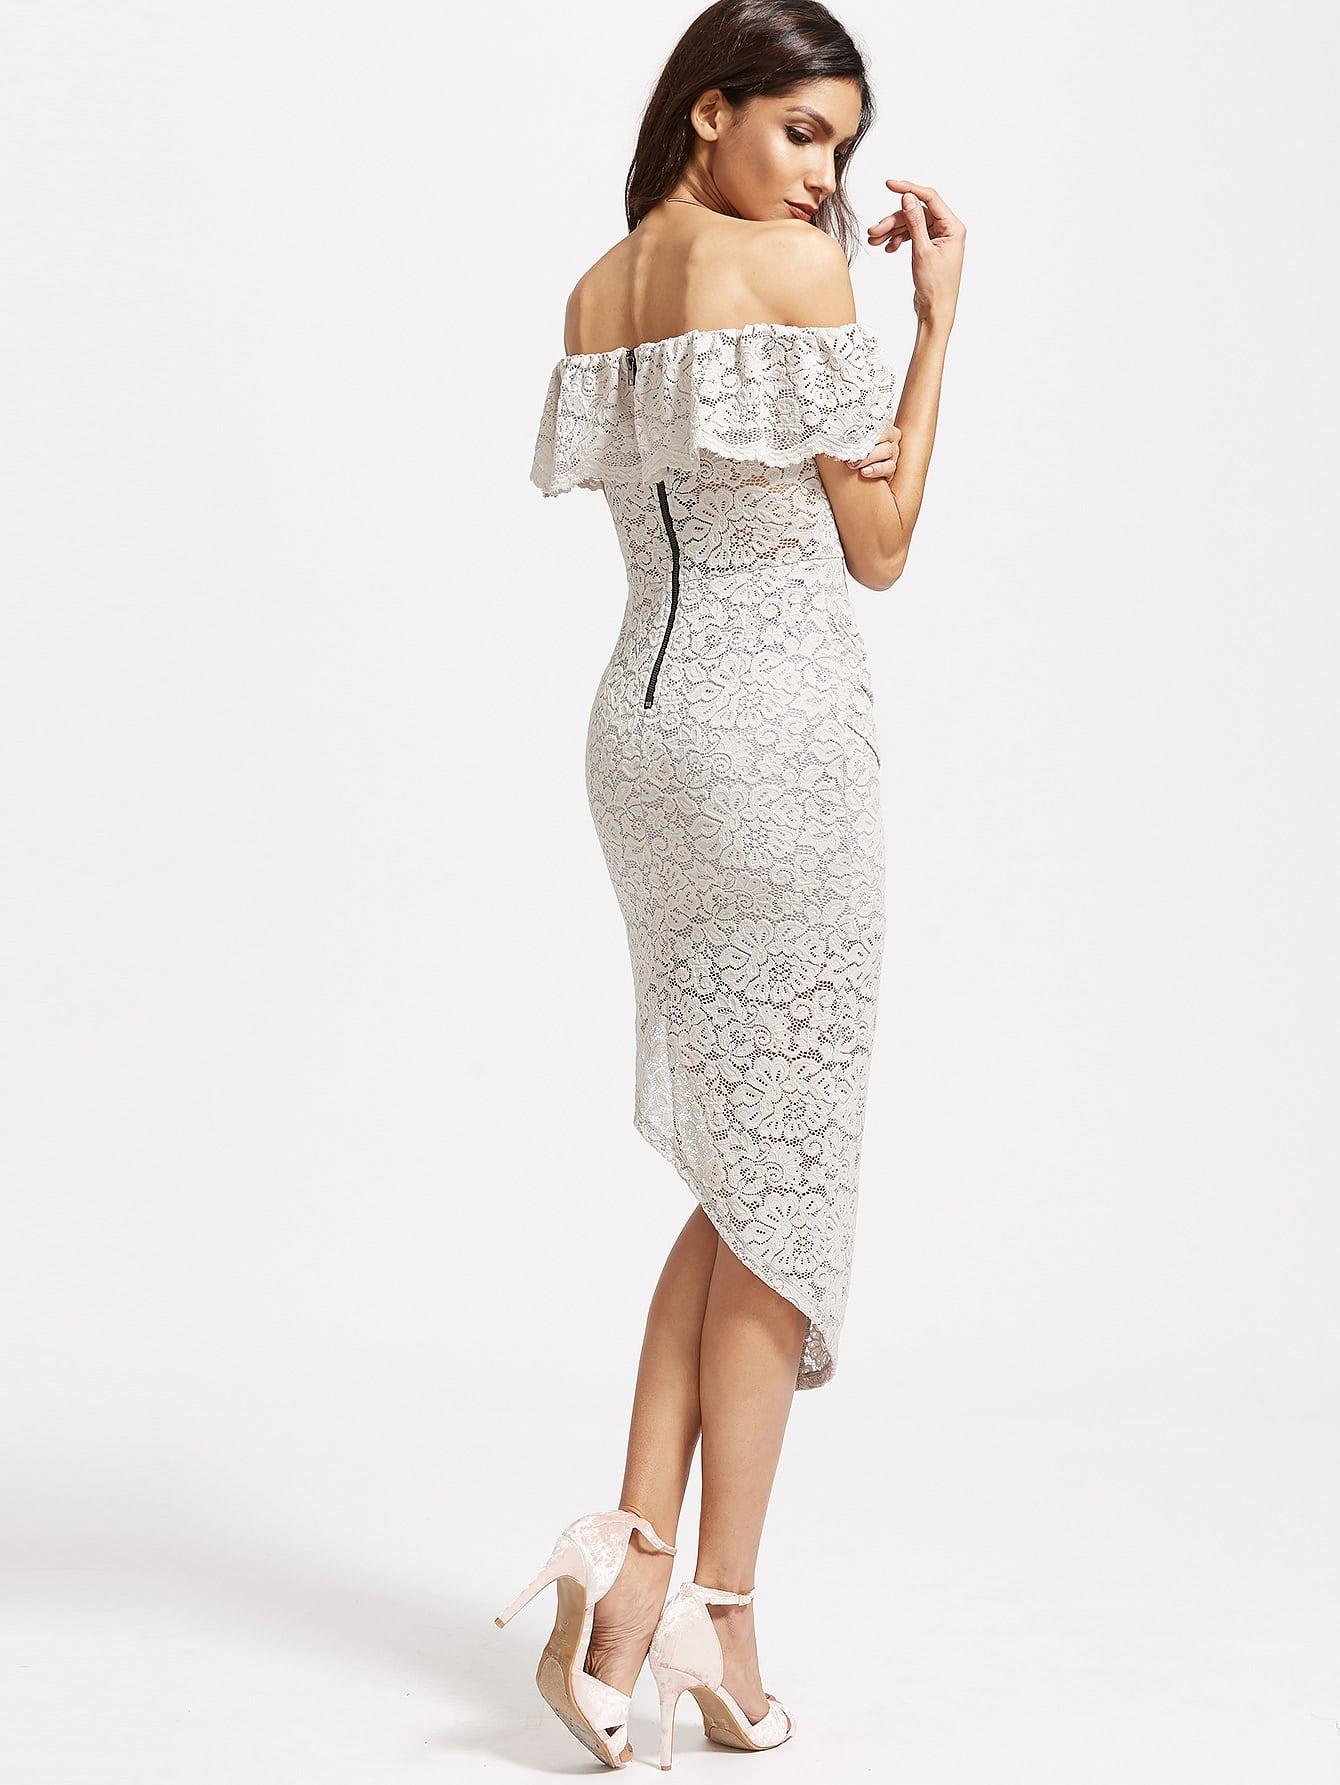 dress170313452_2